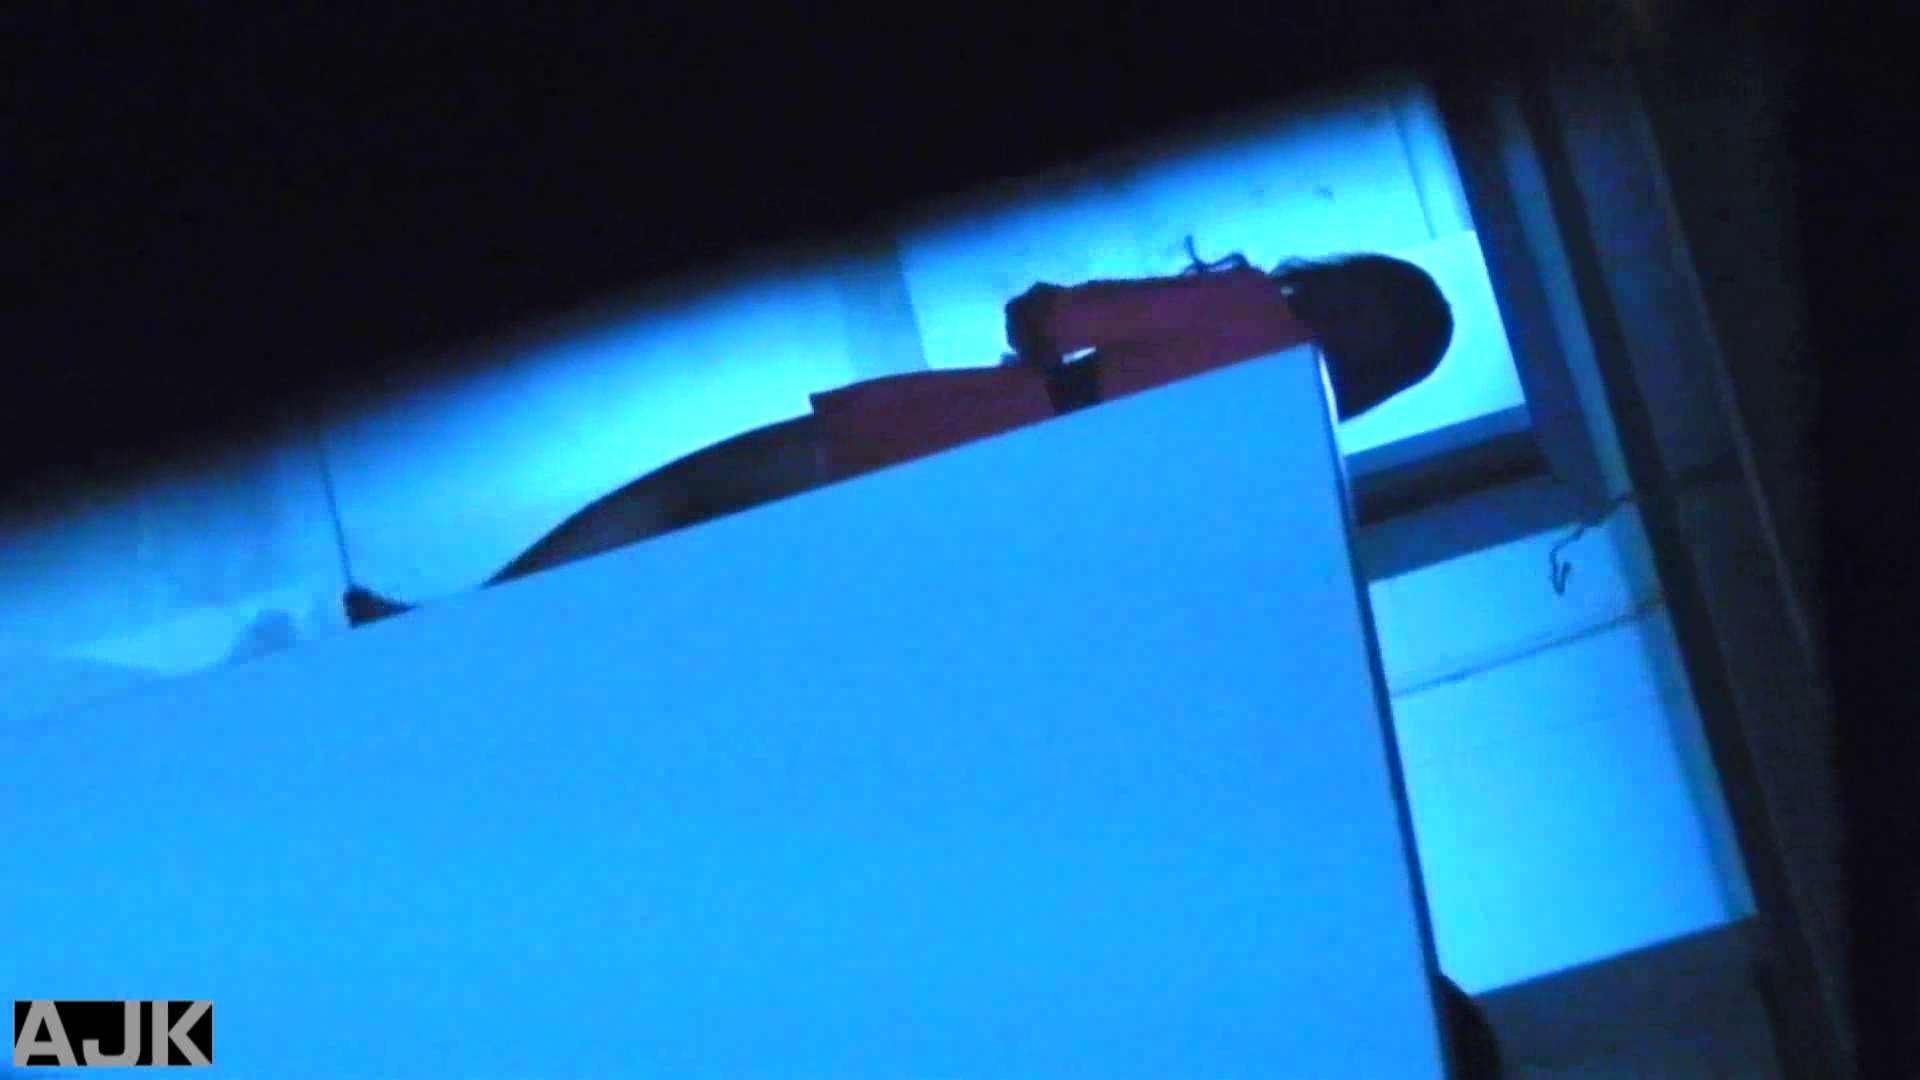 神降臨!史上最強の潜入かわや! vol.23 美女エロ画像 ワレメ動画紹介 78PICs 54